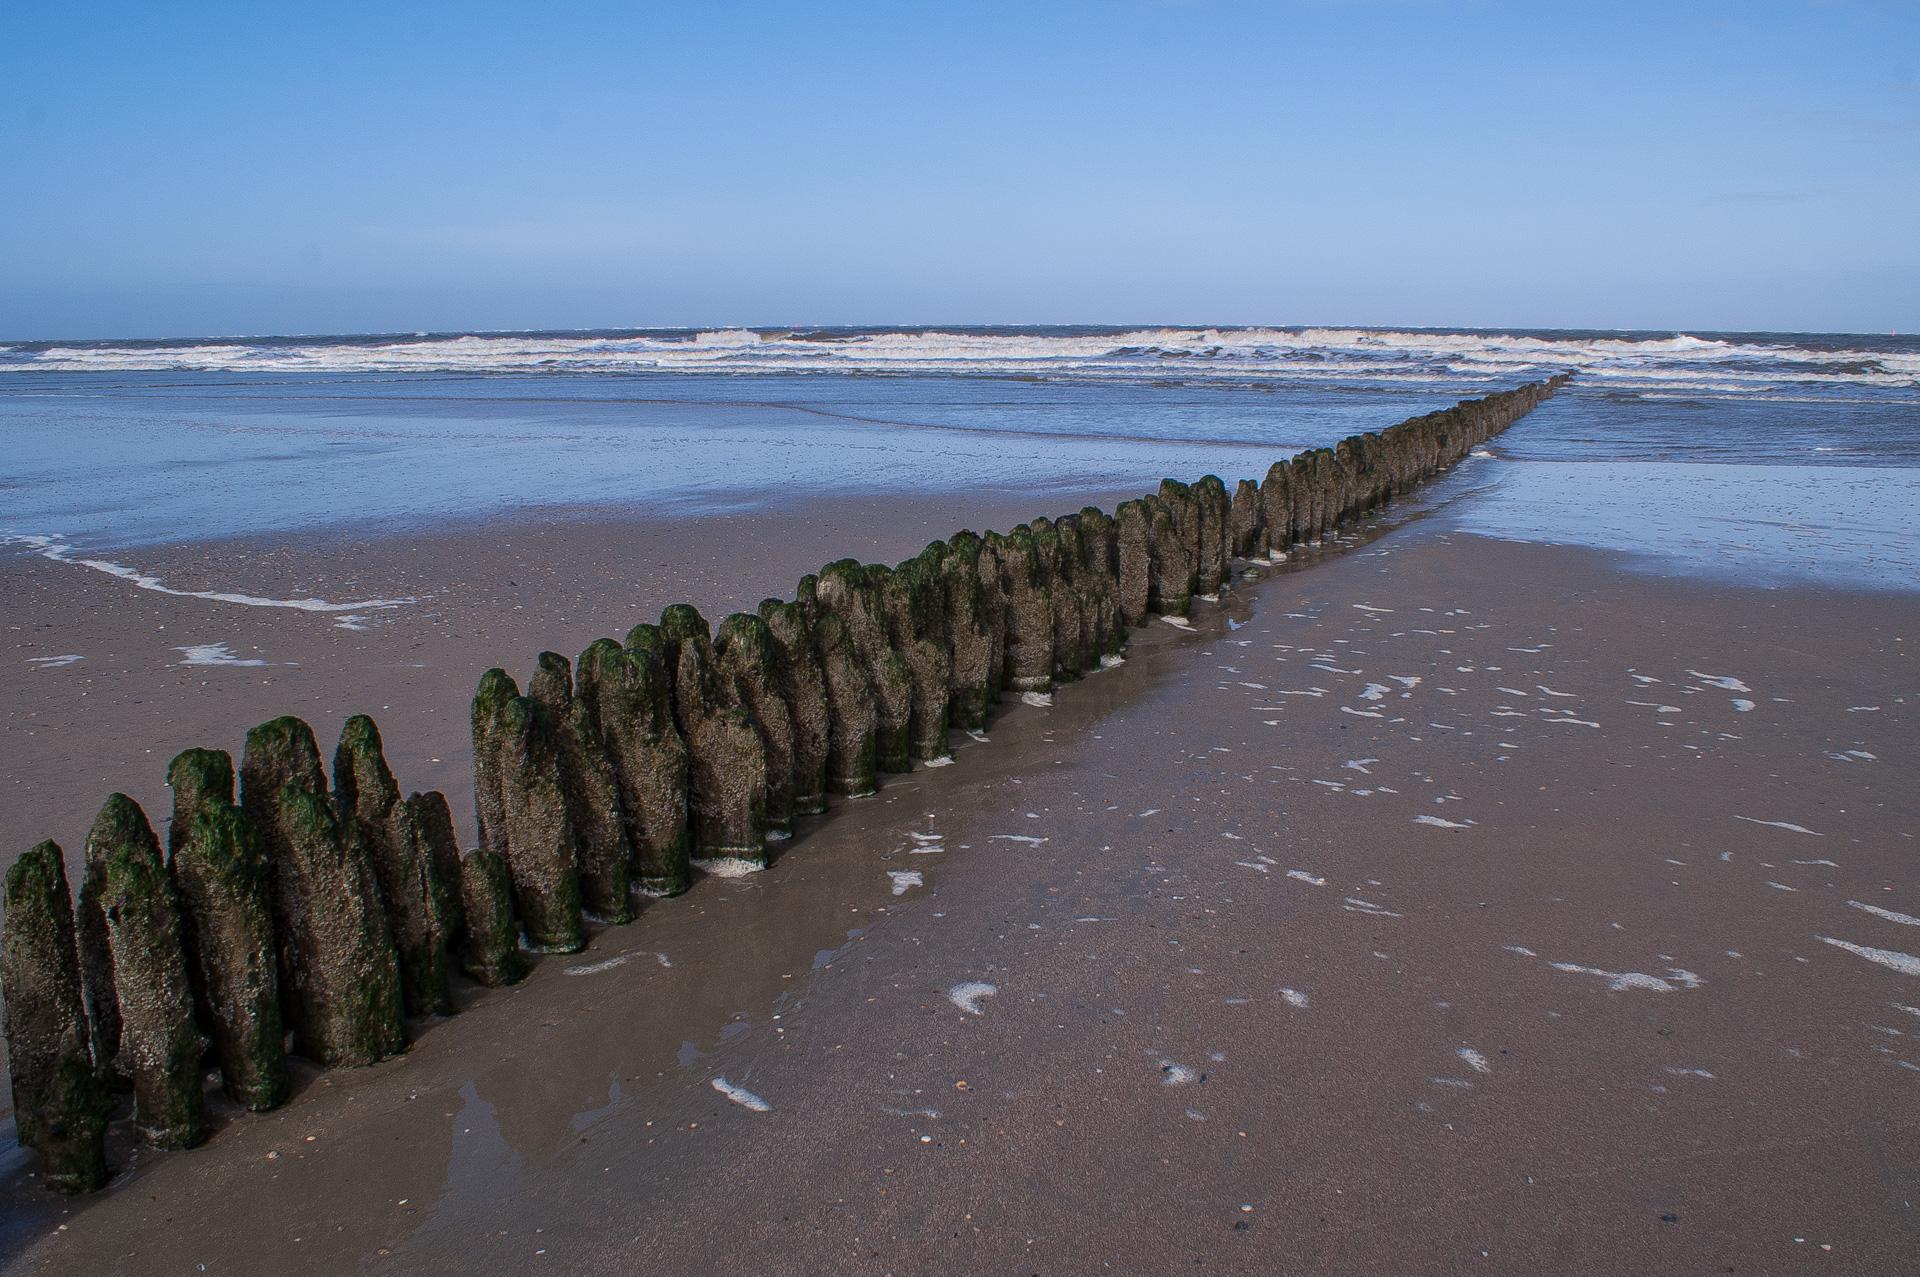 Ich lausche den Wellen - mein Ohr - auf die warmen Klippen gepreßt ⛩ Yaketeiru - shou ni mimi tsuke - nami wo kiku ⛩ (Shinohara, Bon